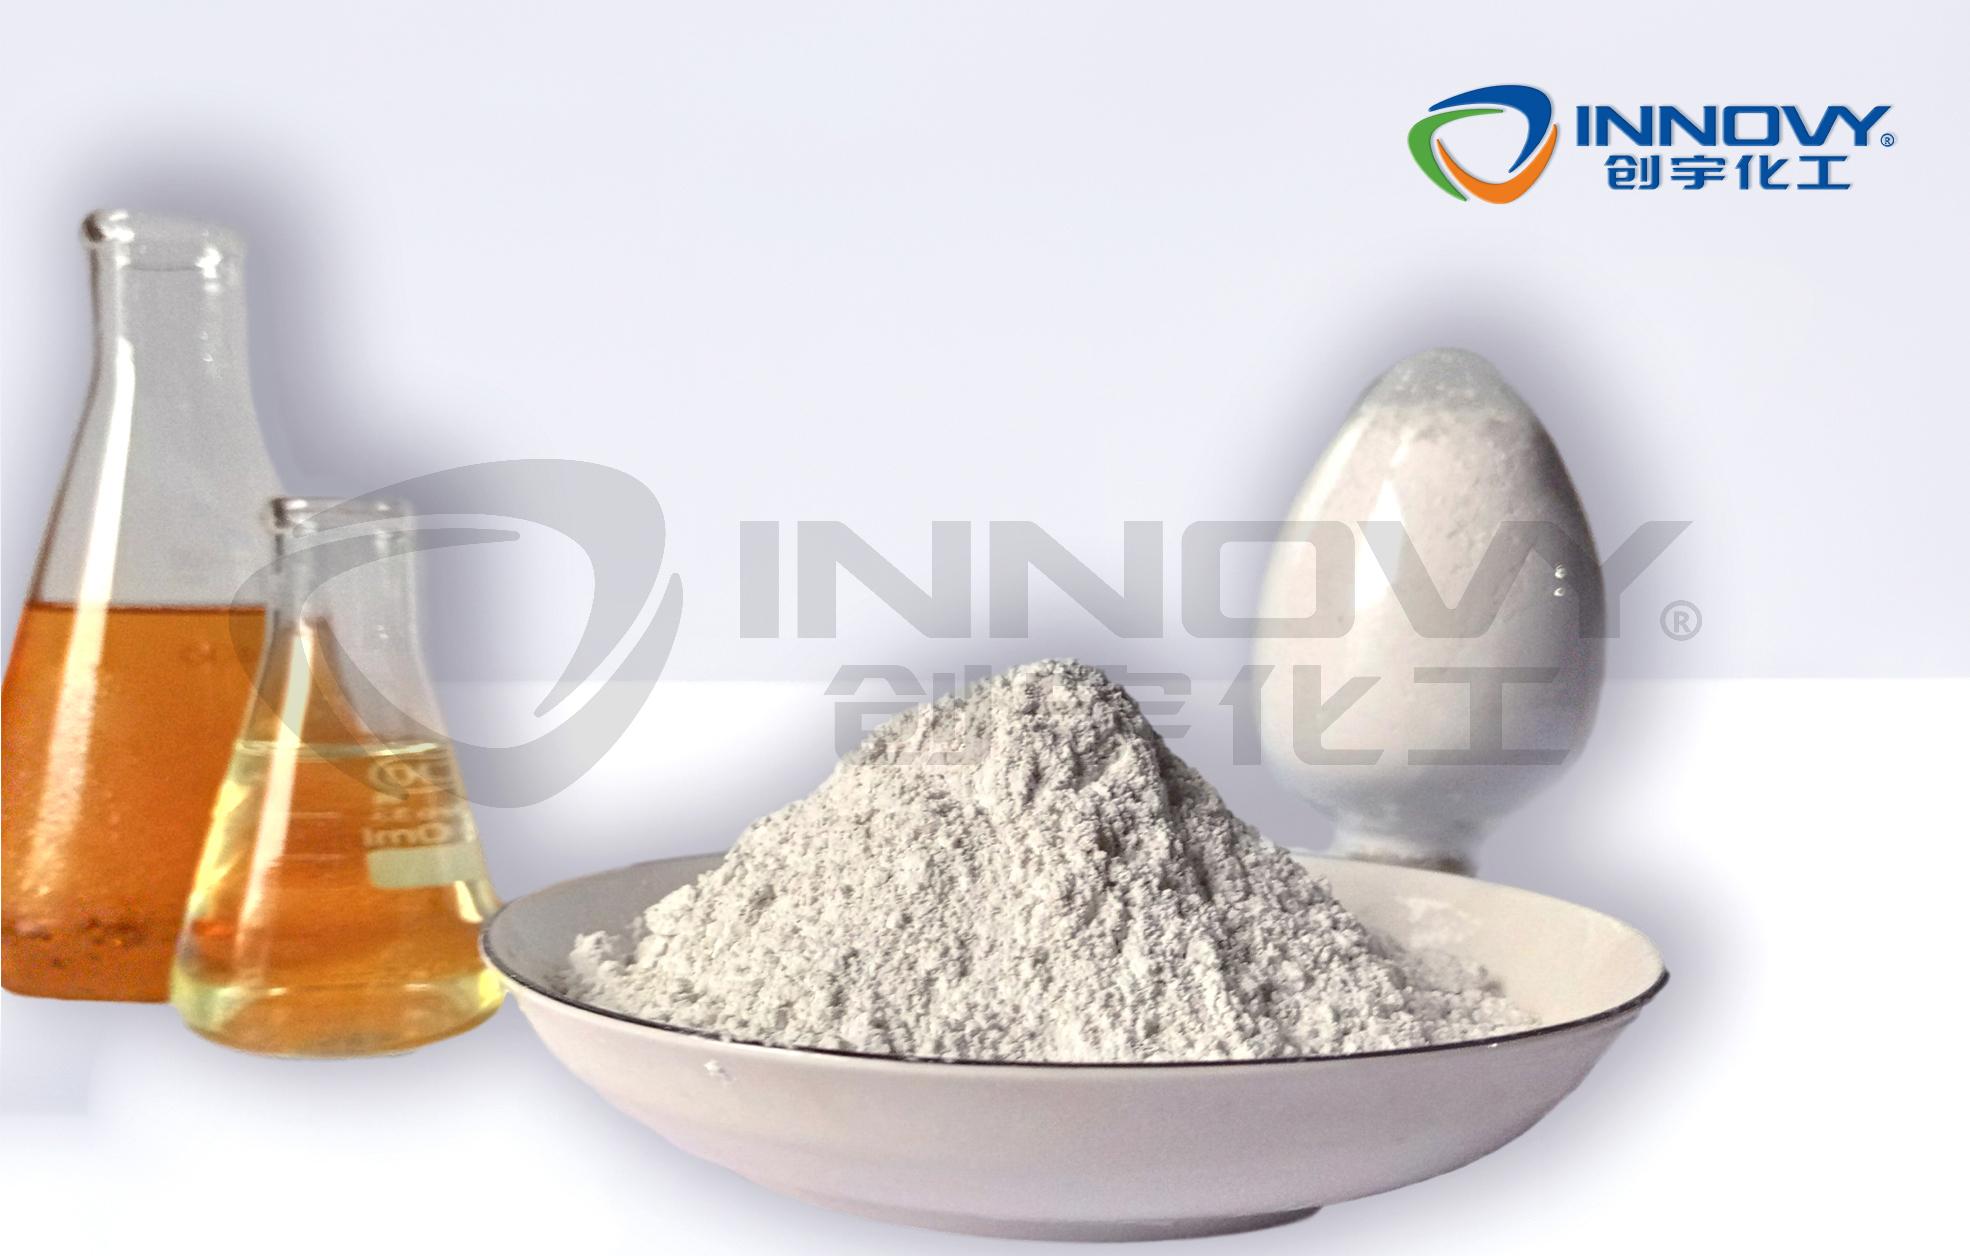 滑石粉是用石灰石为原料